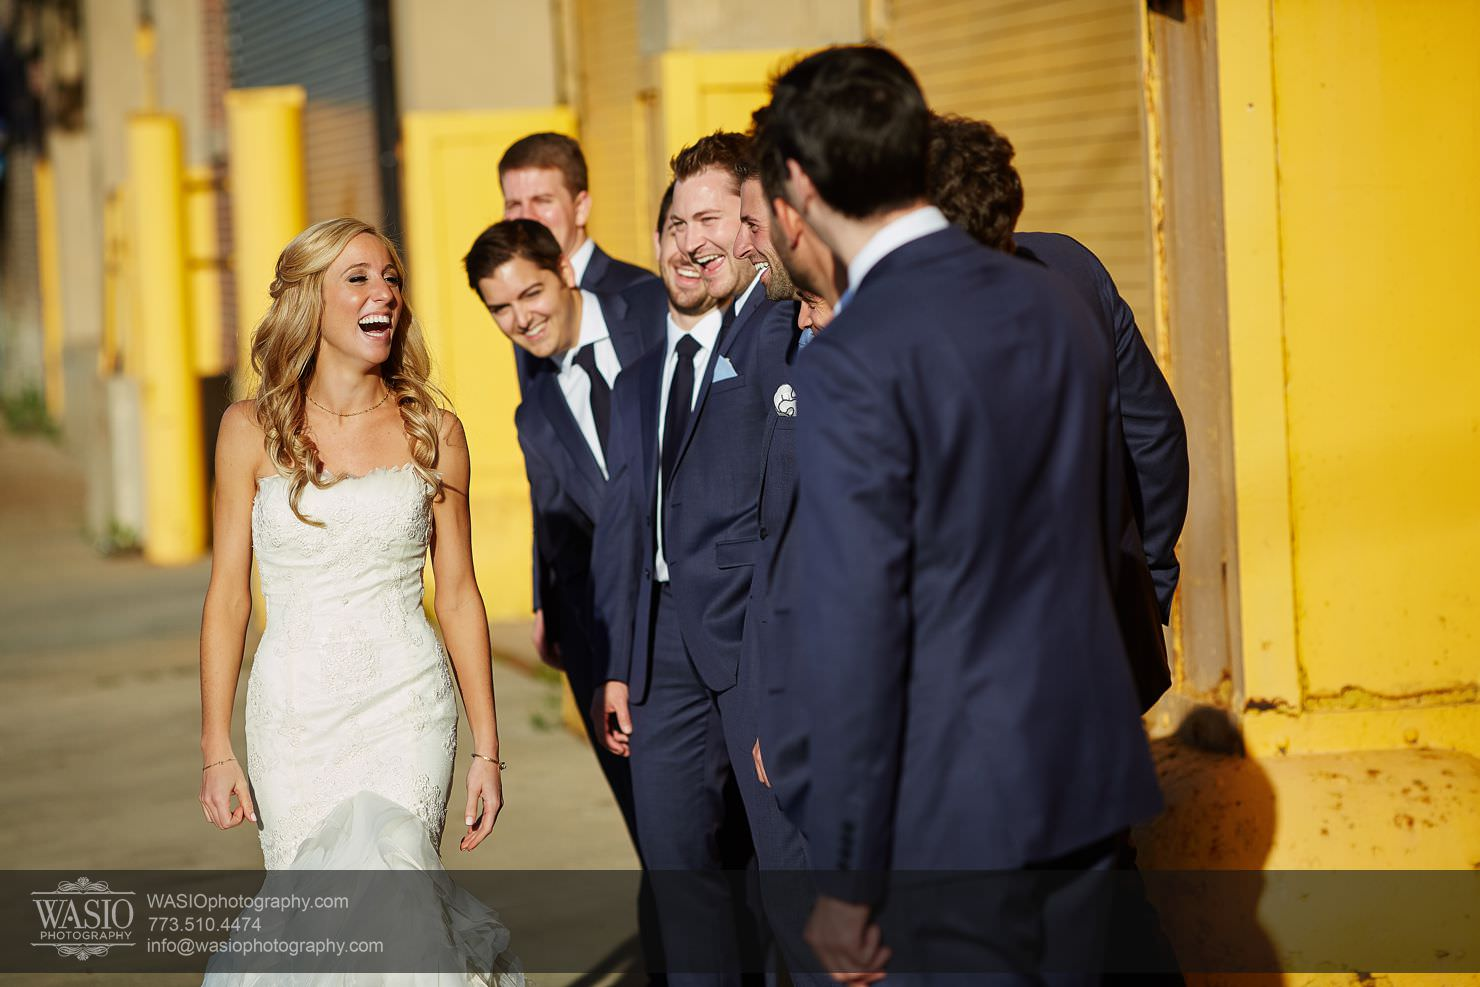 15_Chicago-Gallery-Wedding_0O3A8426 Chicago Gallery Wedding - Courtney + Danny